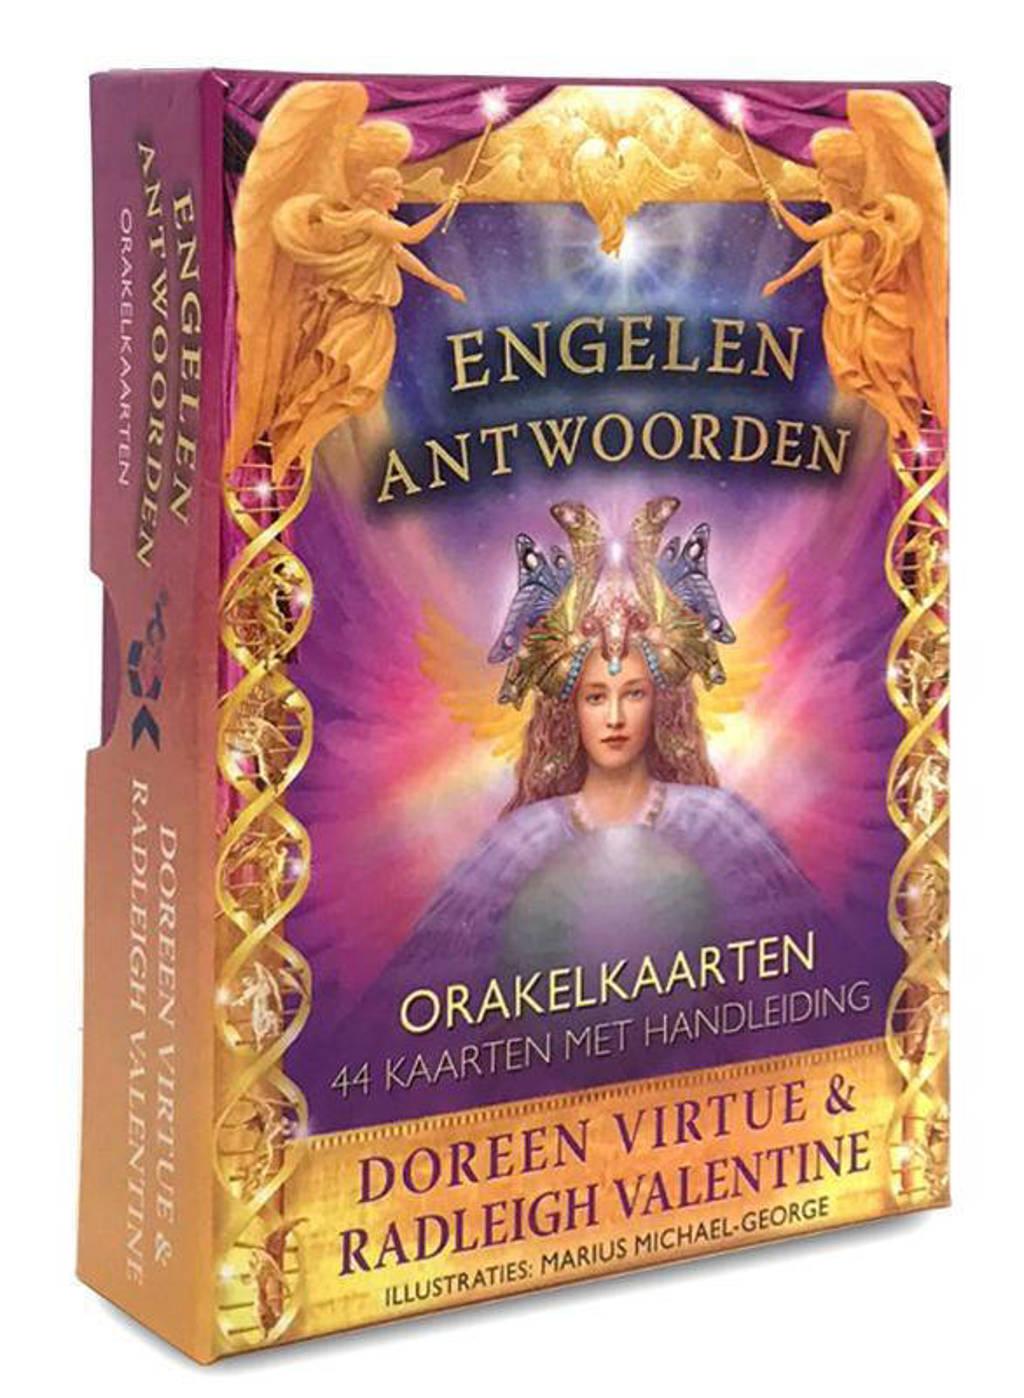 Engelen antwoorden orakelkaarten - Doreen Virtue en Radleigh Valentine